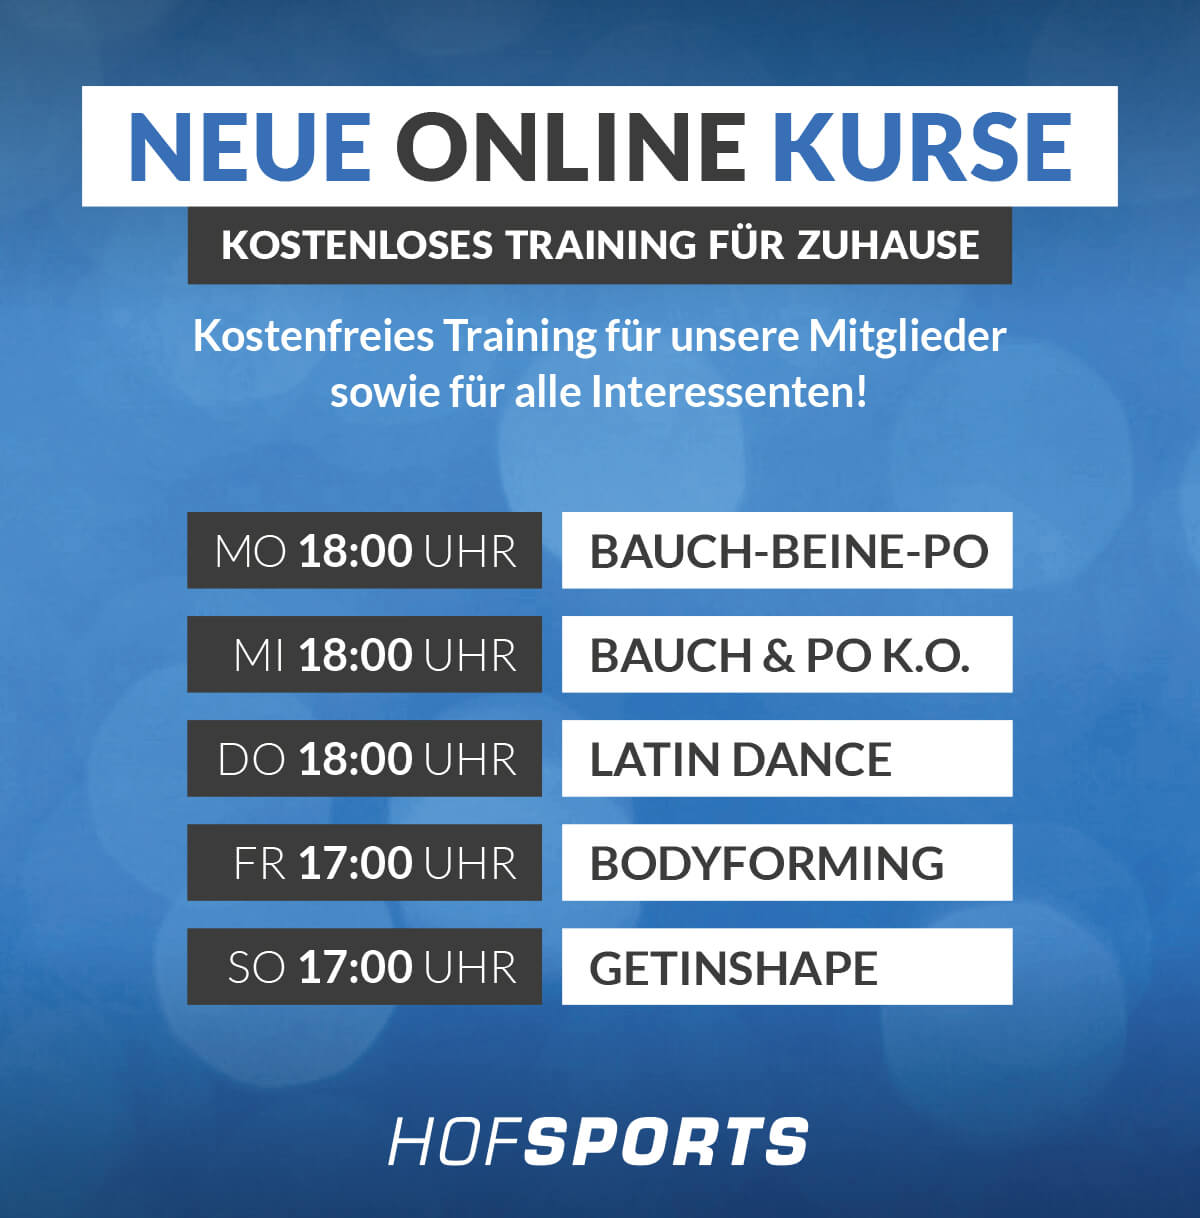 HofSports_Fitnessstudio-Gesundheitsstudio-Zoom Online Kurse